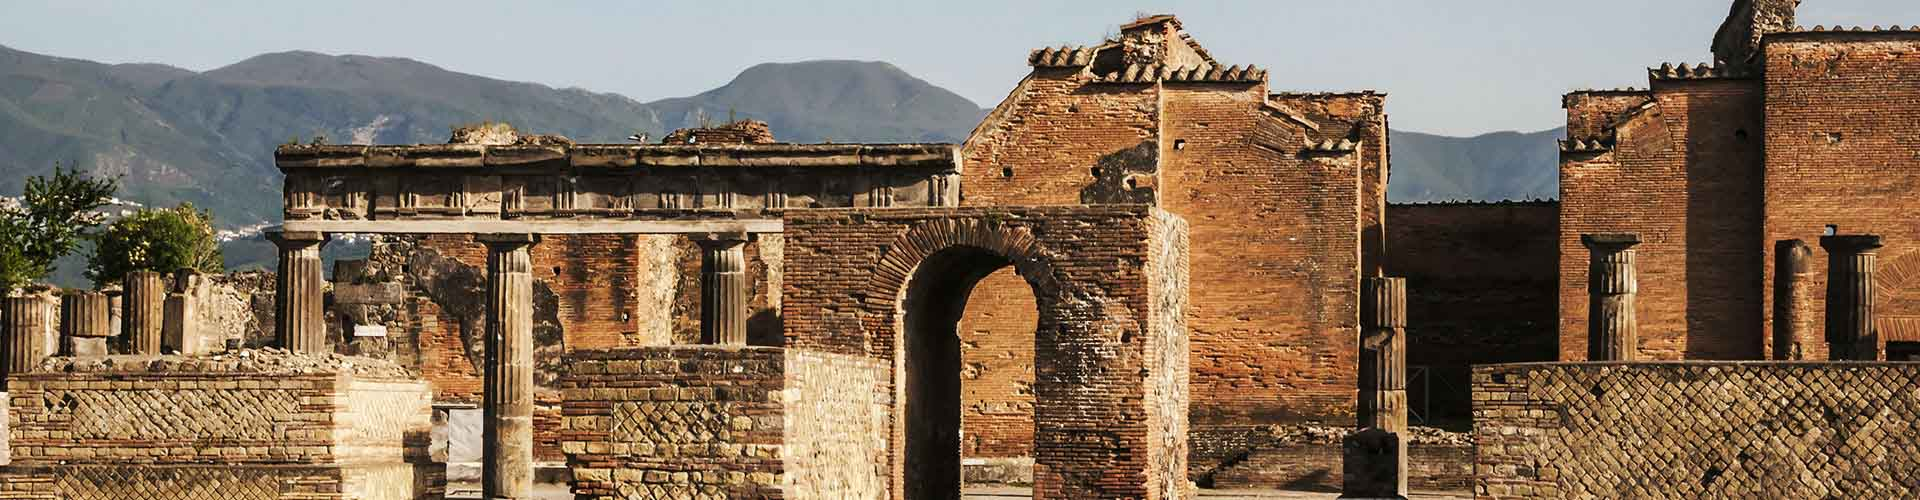 Pompei - Appartments à Pompei. Cartes pour Pompei, photos et commentaires pour chaque appartement à Pompei.